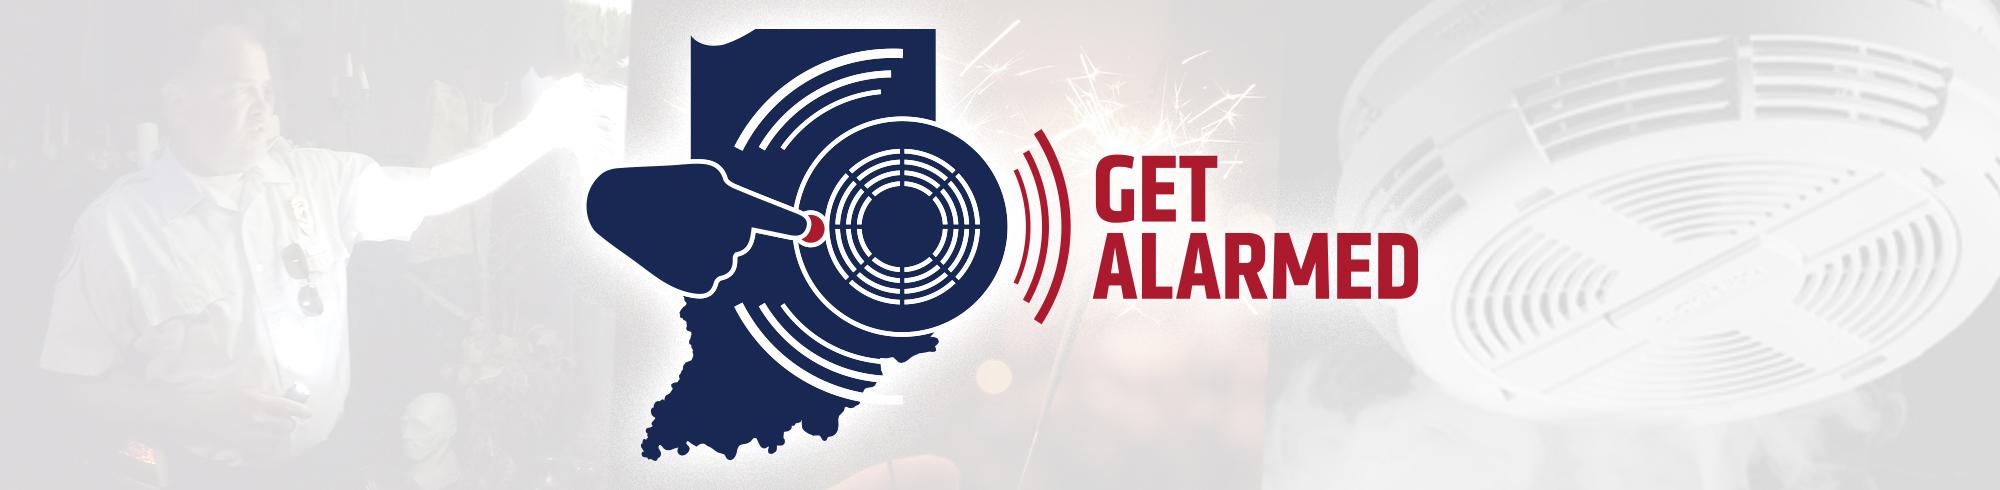 Get-Alarmed-Page-Banner.jpg